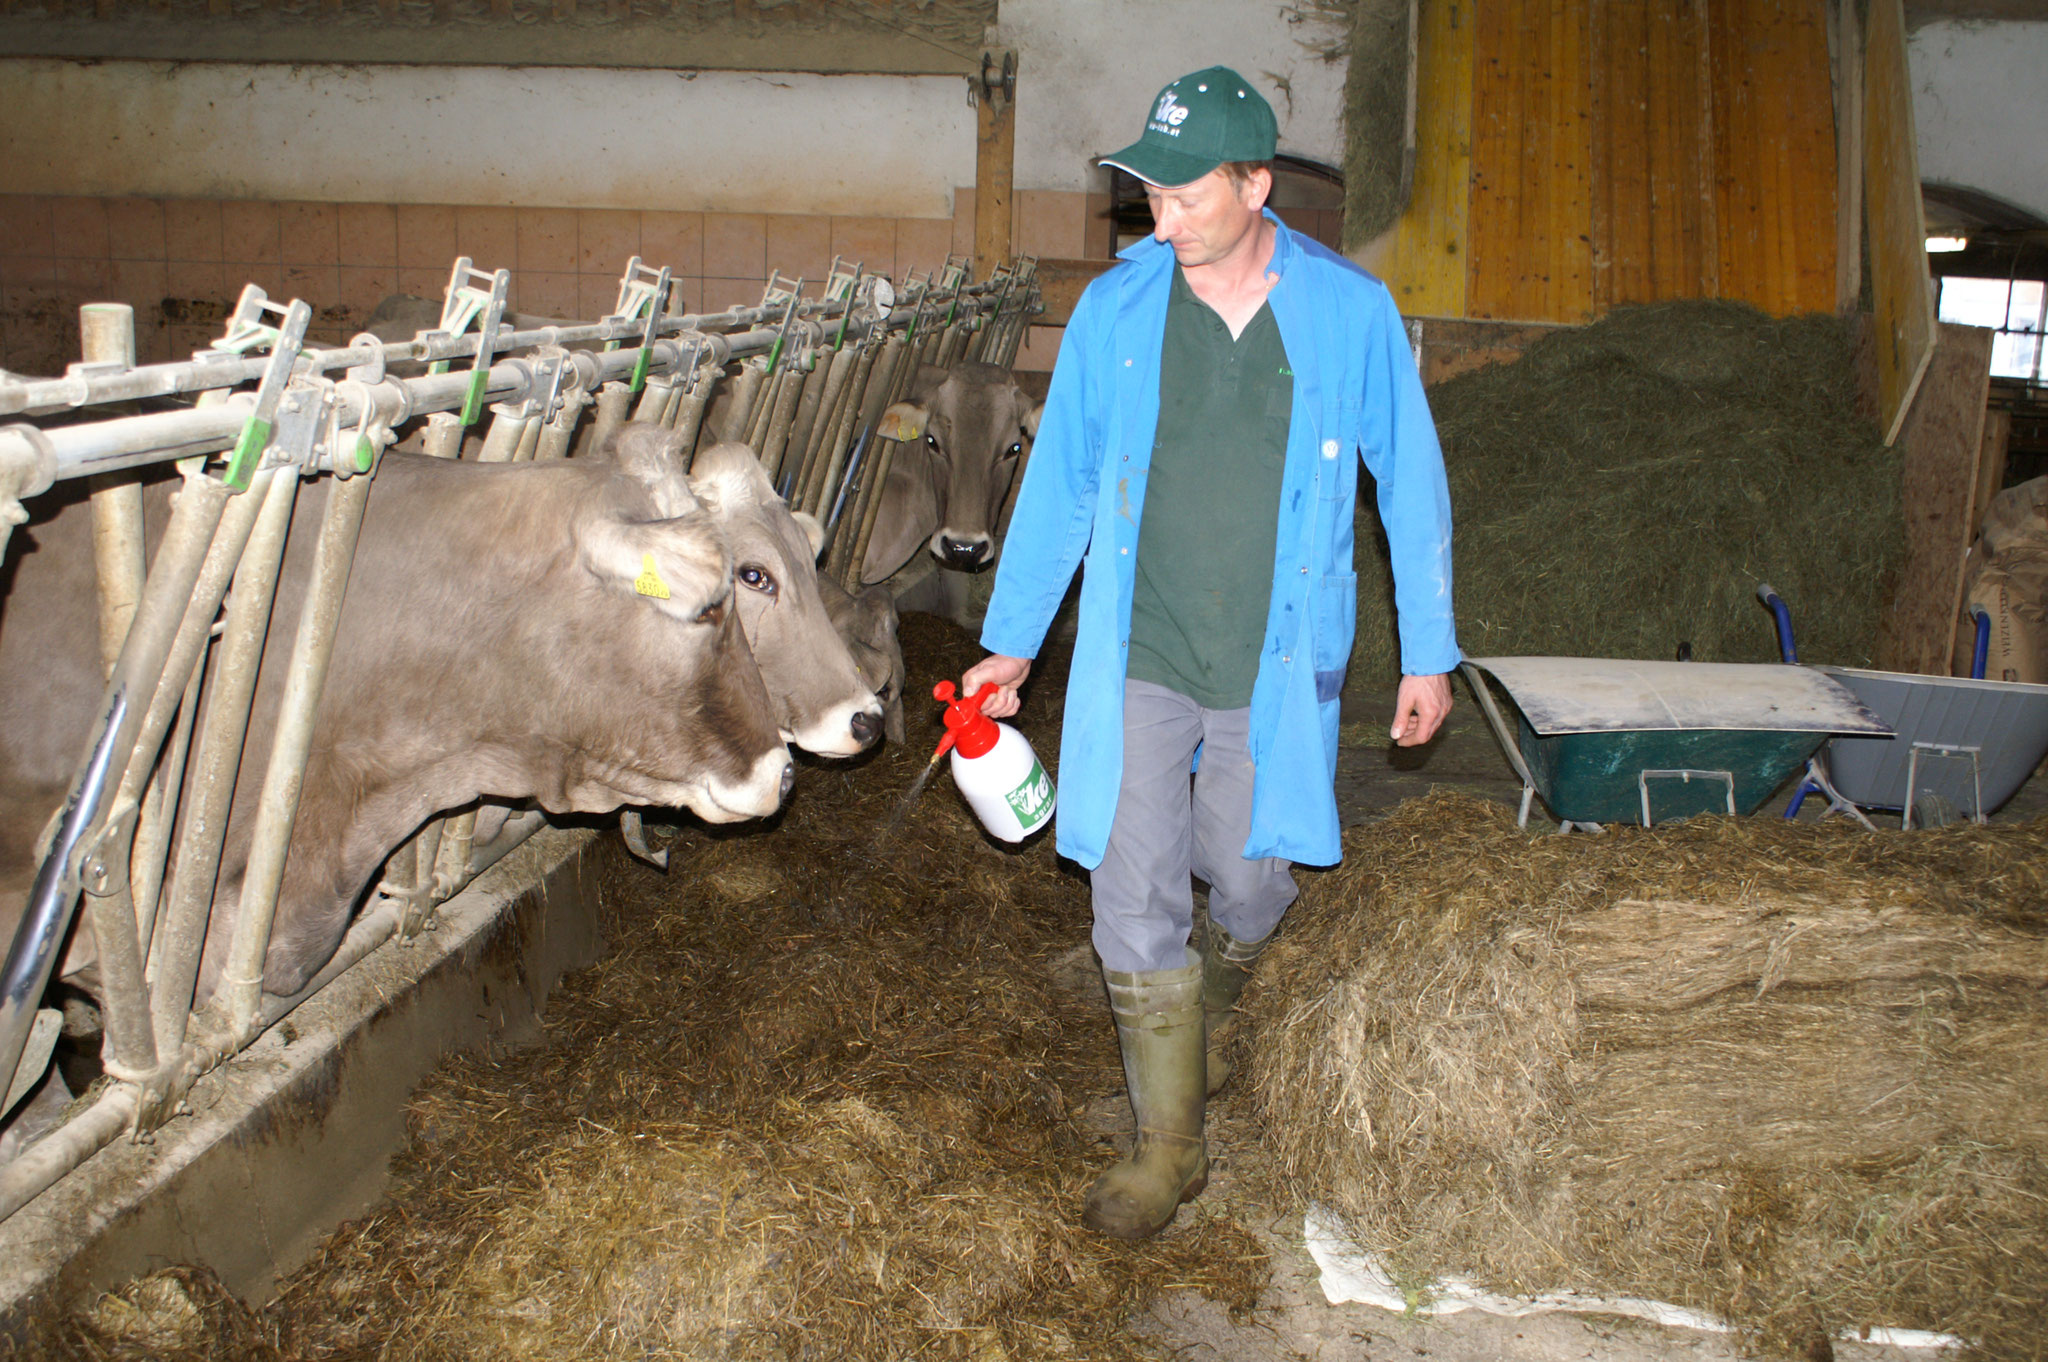 Mit einem Sprühgerät kann KE-agrar pur verwendet werden.